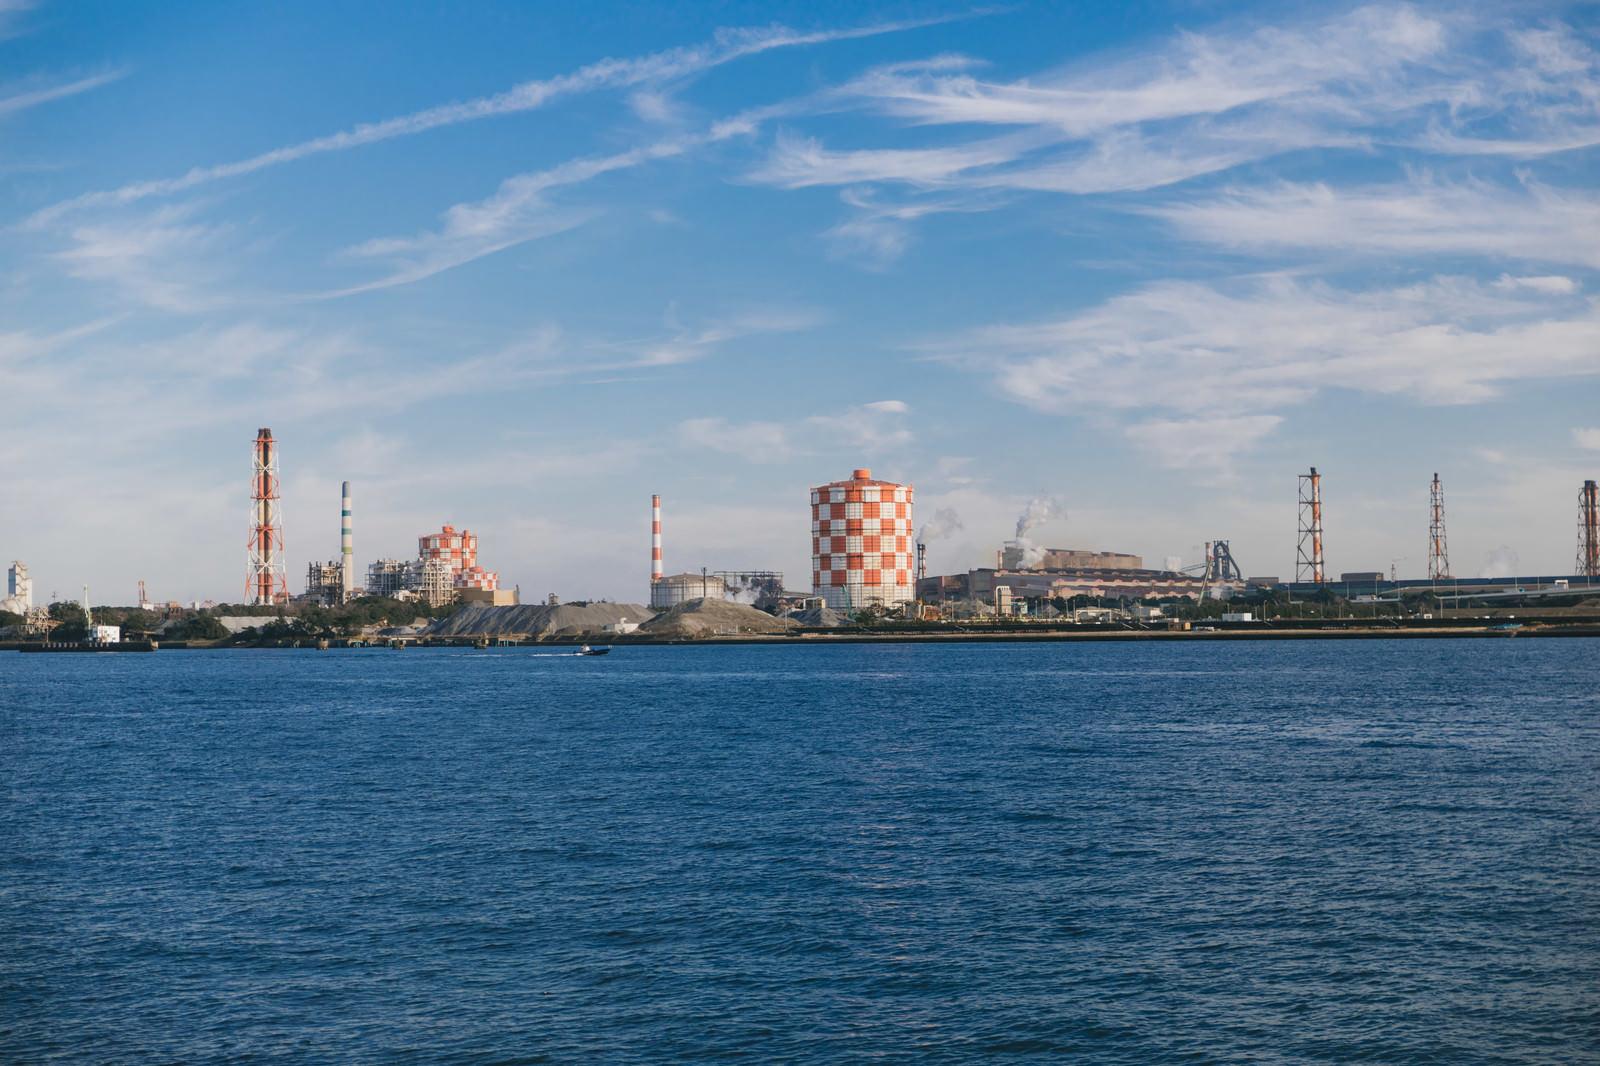 「海芝浦駅から見える対岸の工業地帯海芝浦駅から見える対岸の工業地帯」のフリー写真素材を拡大